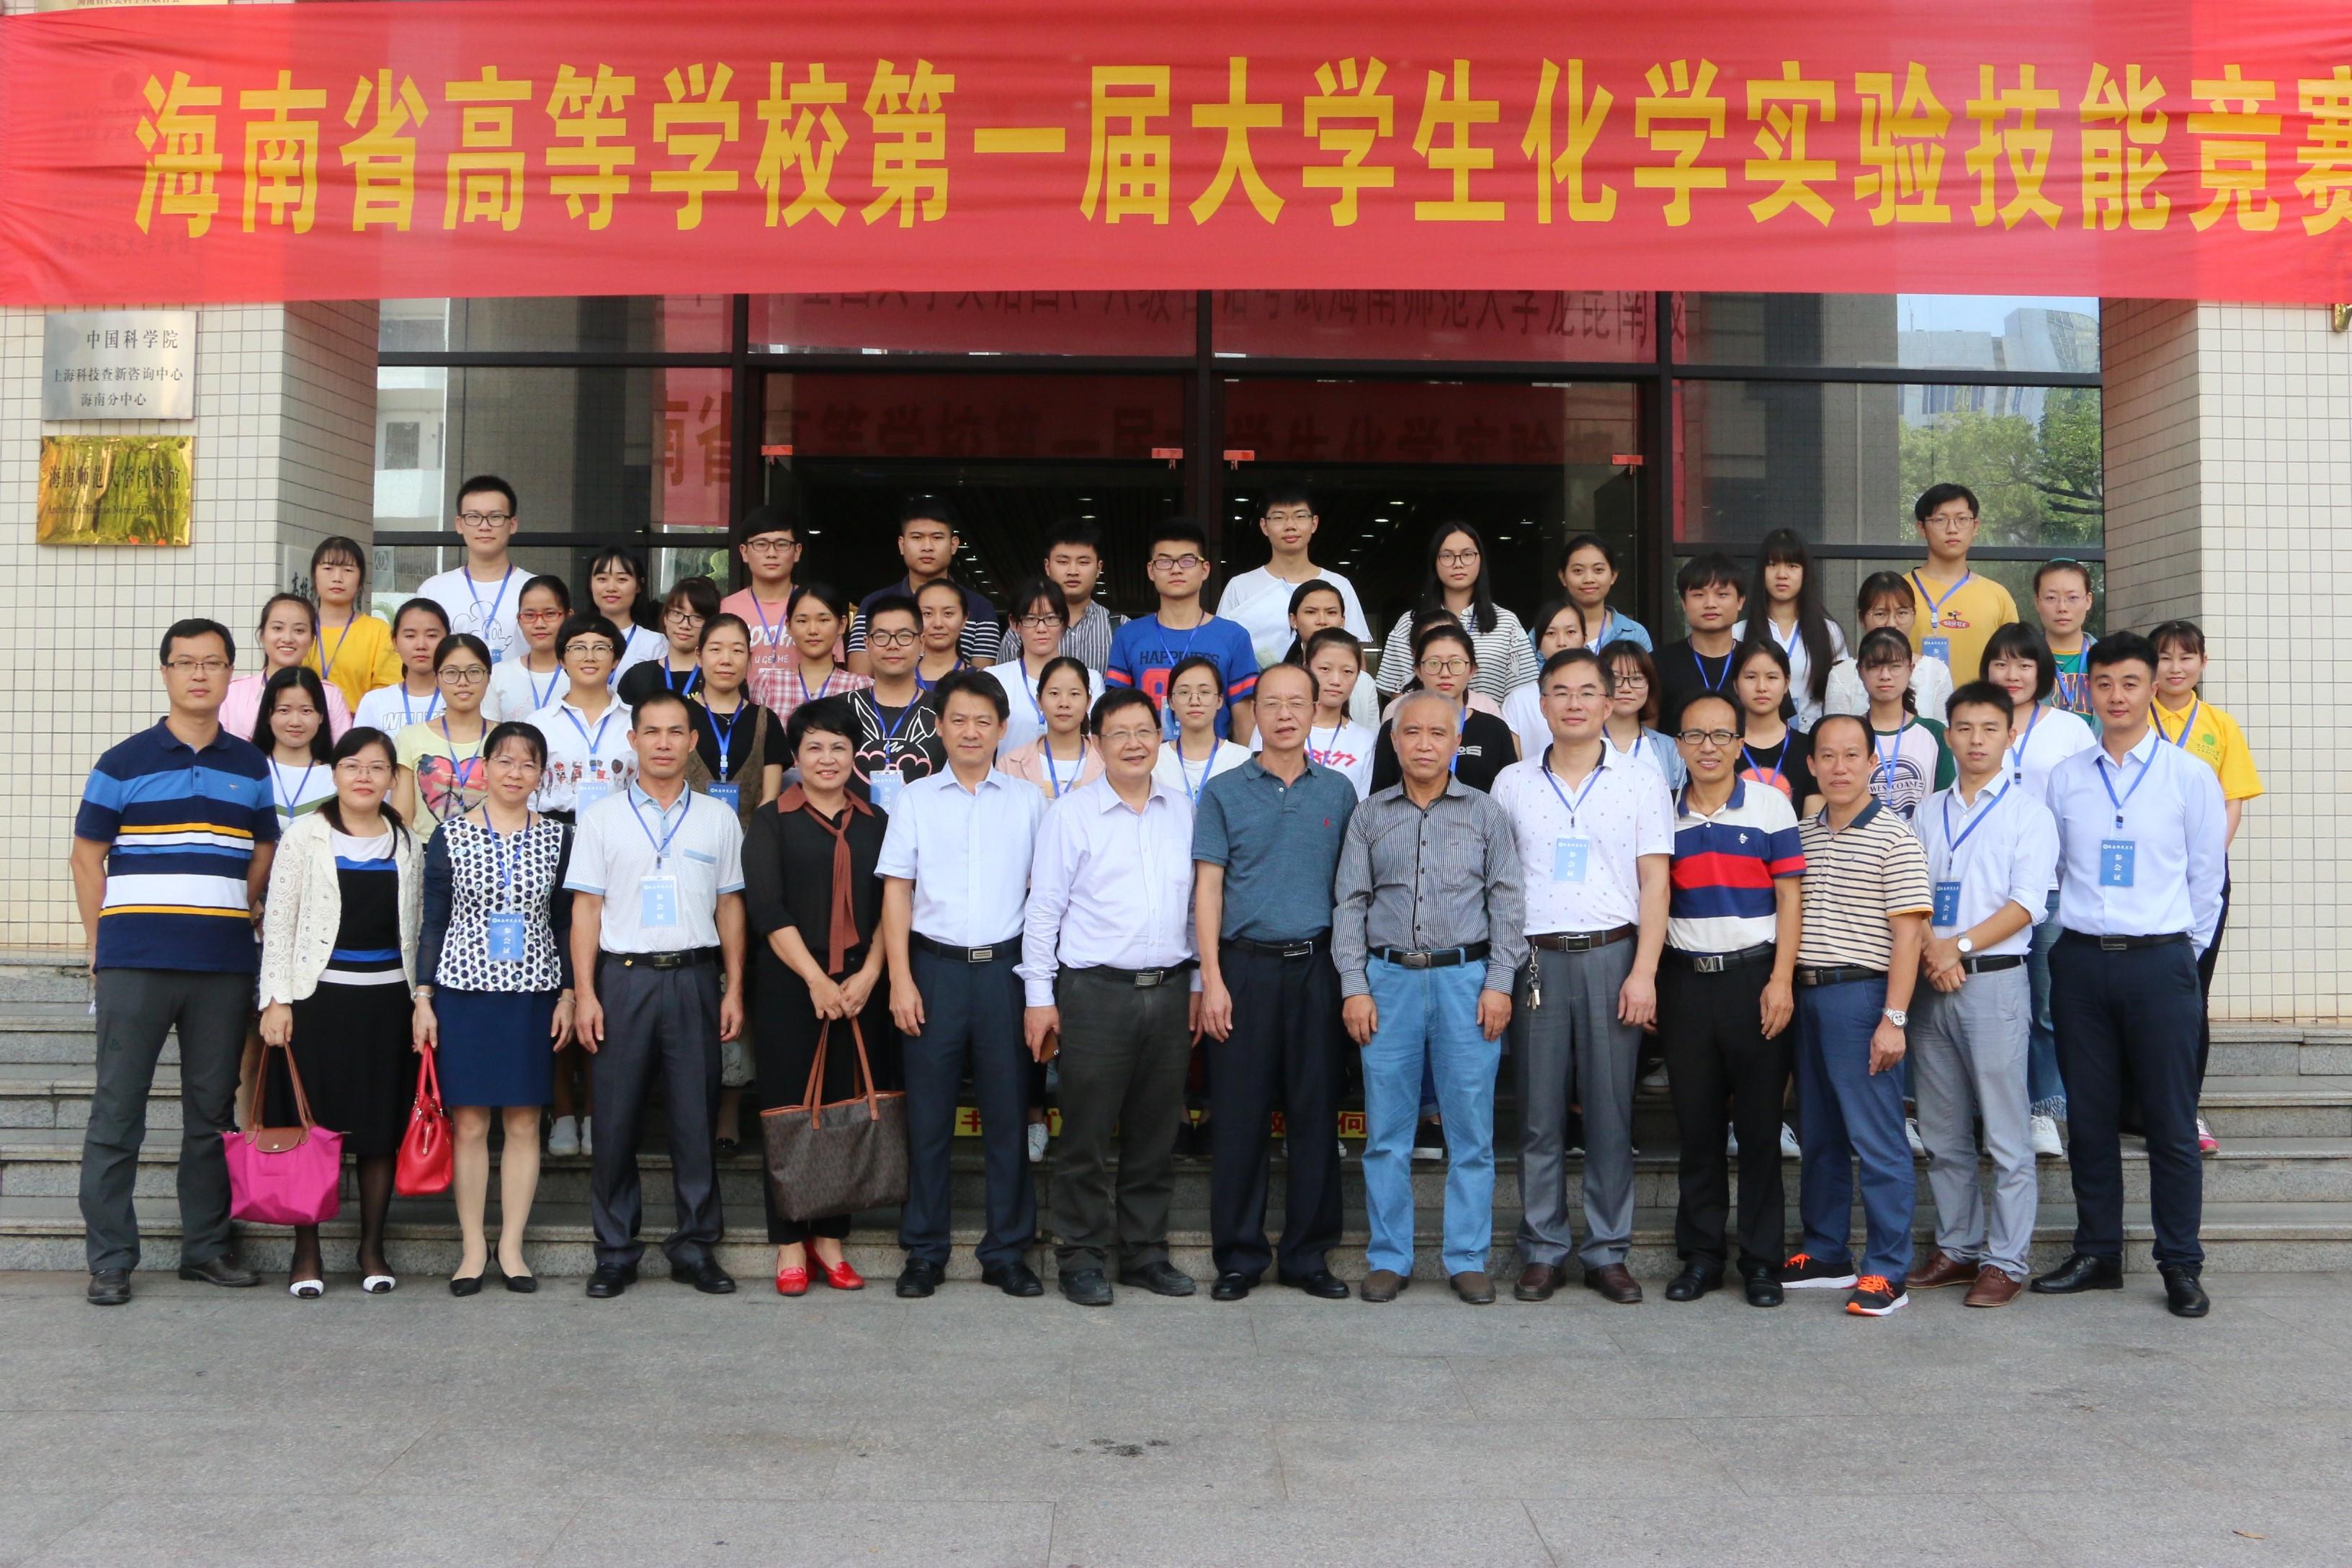 海南省高等学校第一届大学生化学实验技能竞赛在我校成功举办